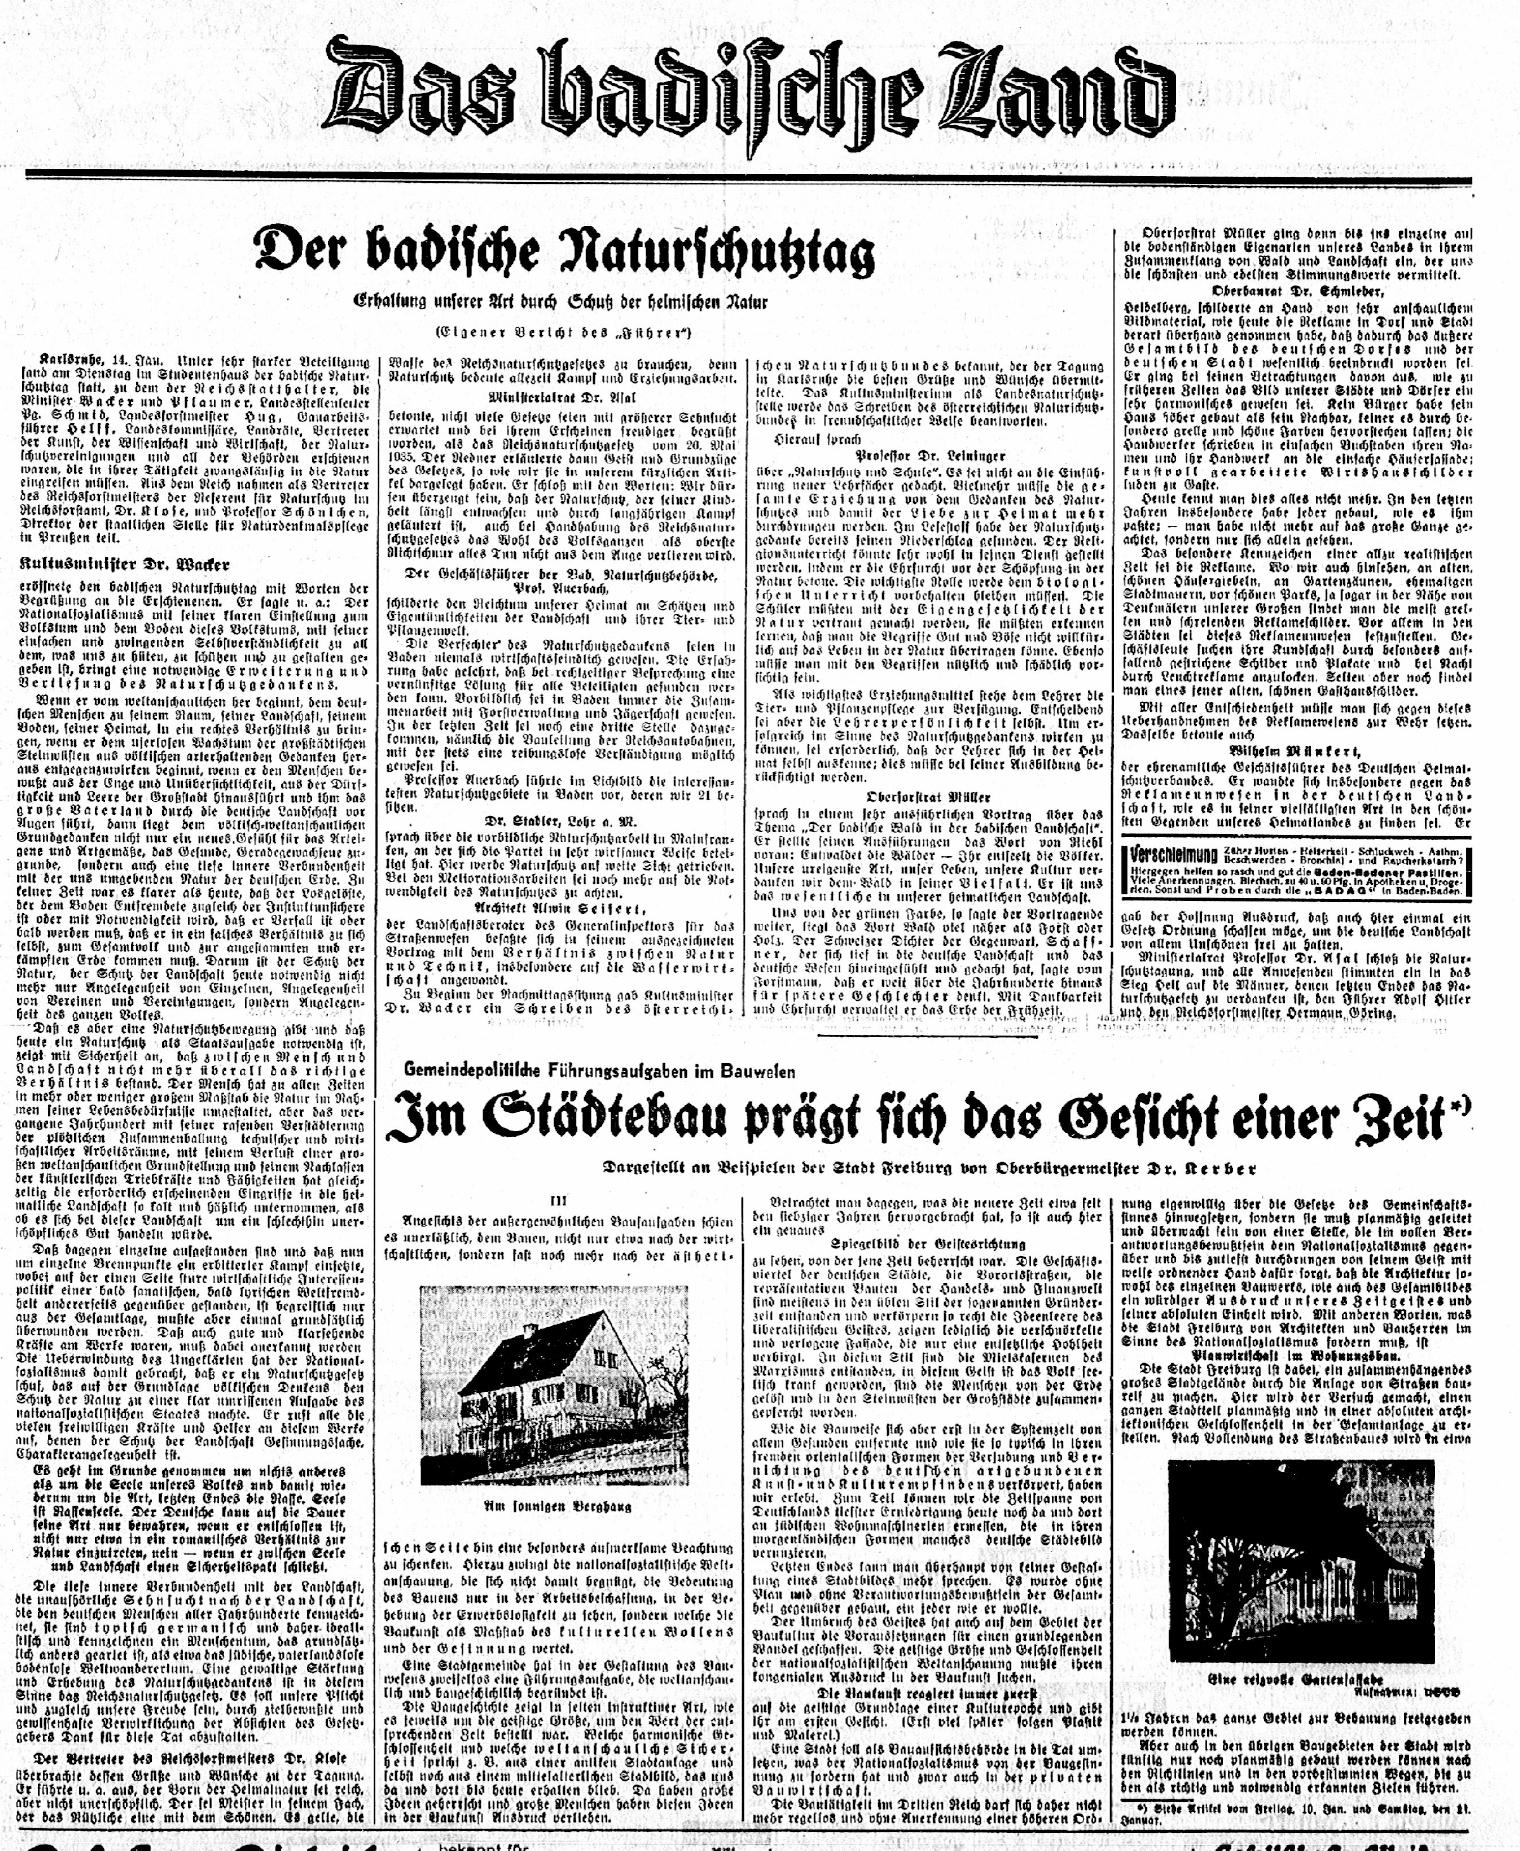 DF_1936_001_Januar_11-20_0001.pdf